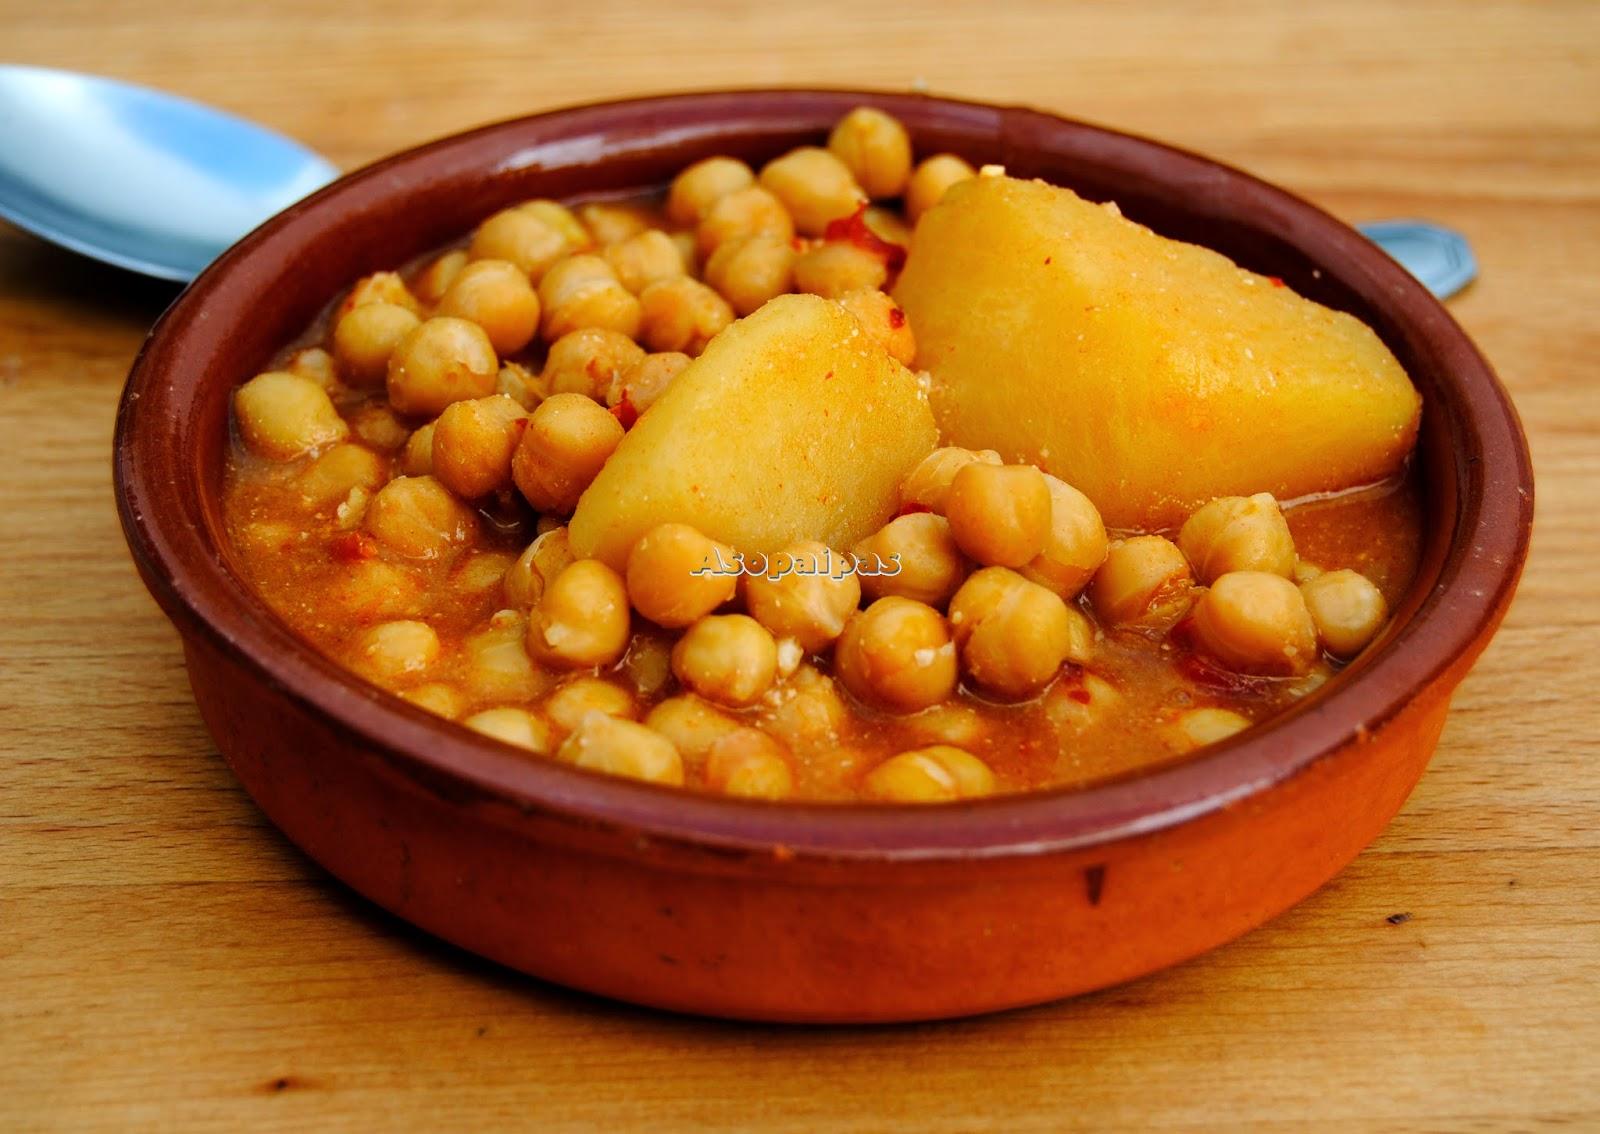 Potaje de garbanzos de baza receta asopaipas recetas - Potaje de garbanzos y judias ...